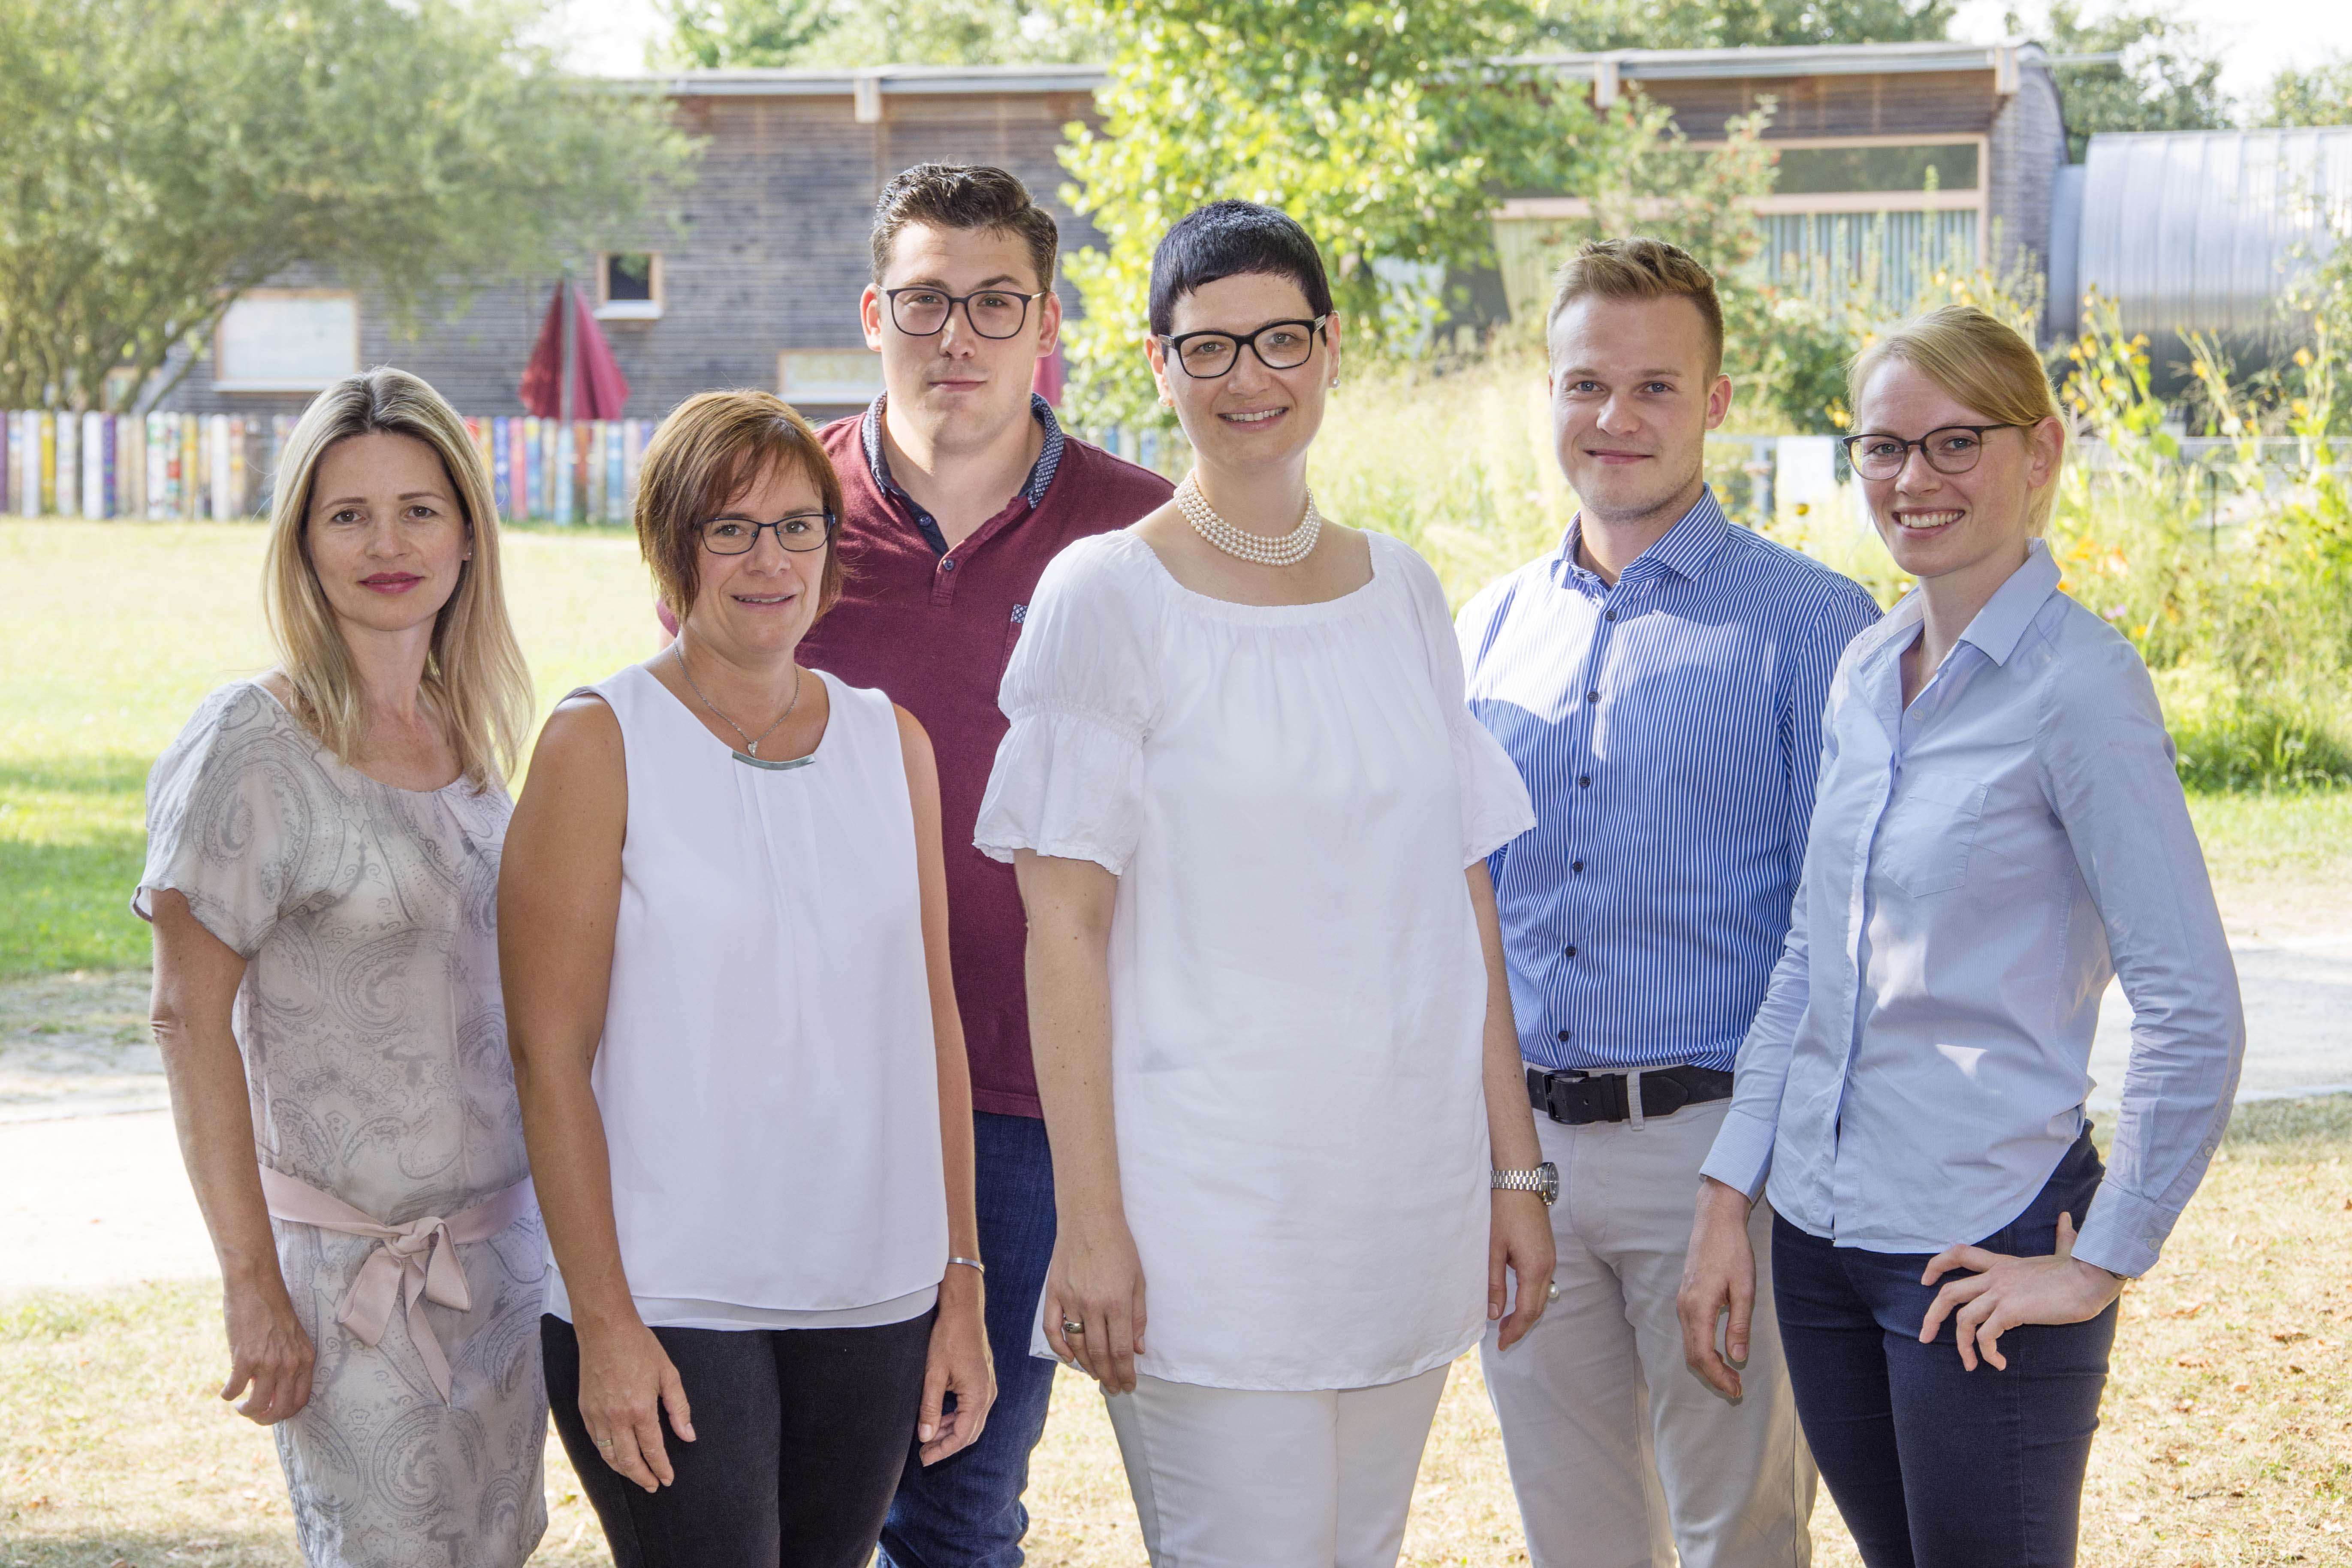 Gruppenbild der Abteilung Qualitäts- und Risikomanagement im Klinikum Ingolstadt